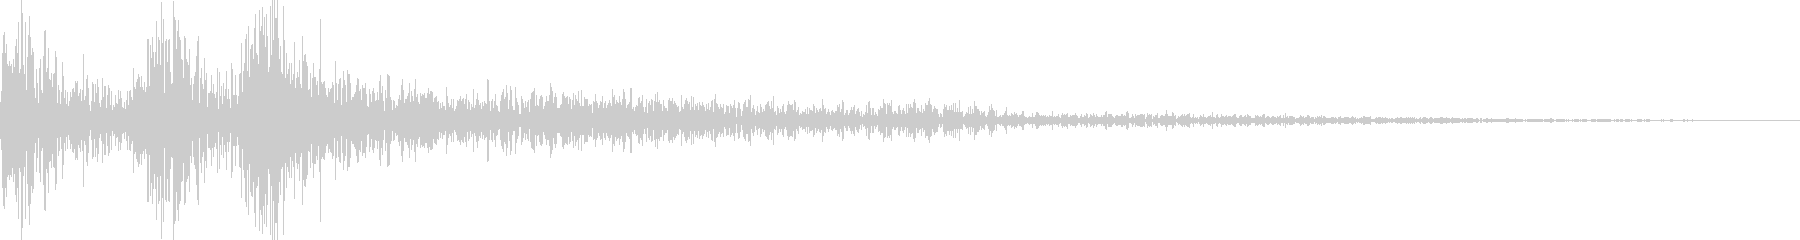 ジャジャン(三味線、三線、琵琶)の未再生の波形